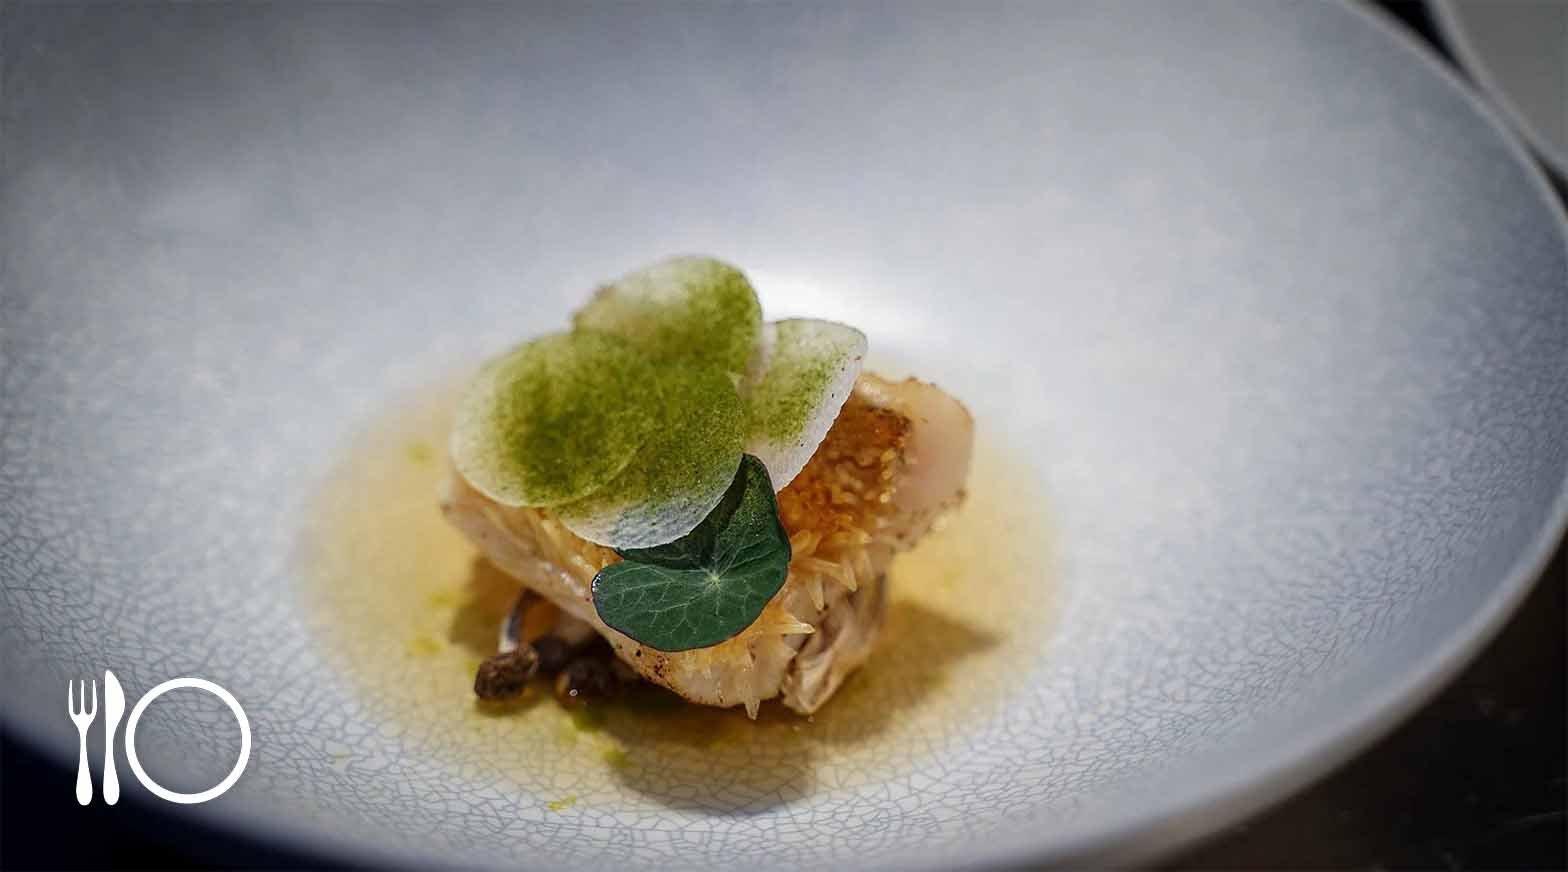 米其林餐盤 | JE kitchen-歐陸創意套餐預付 1000 元|贈氣泡茶